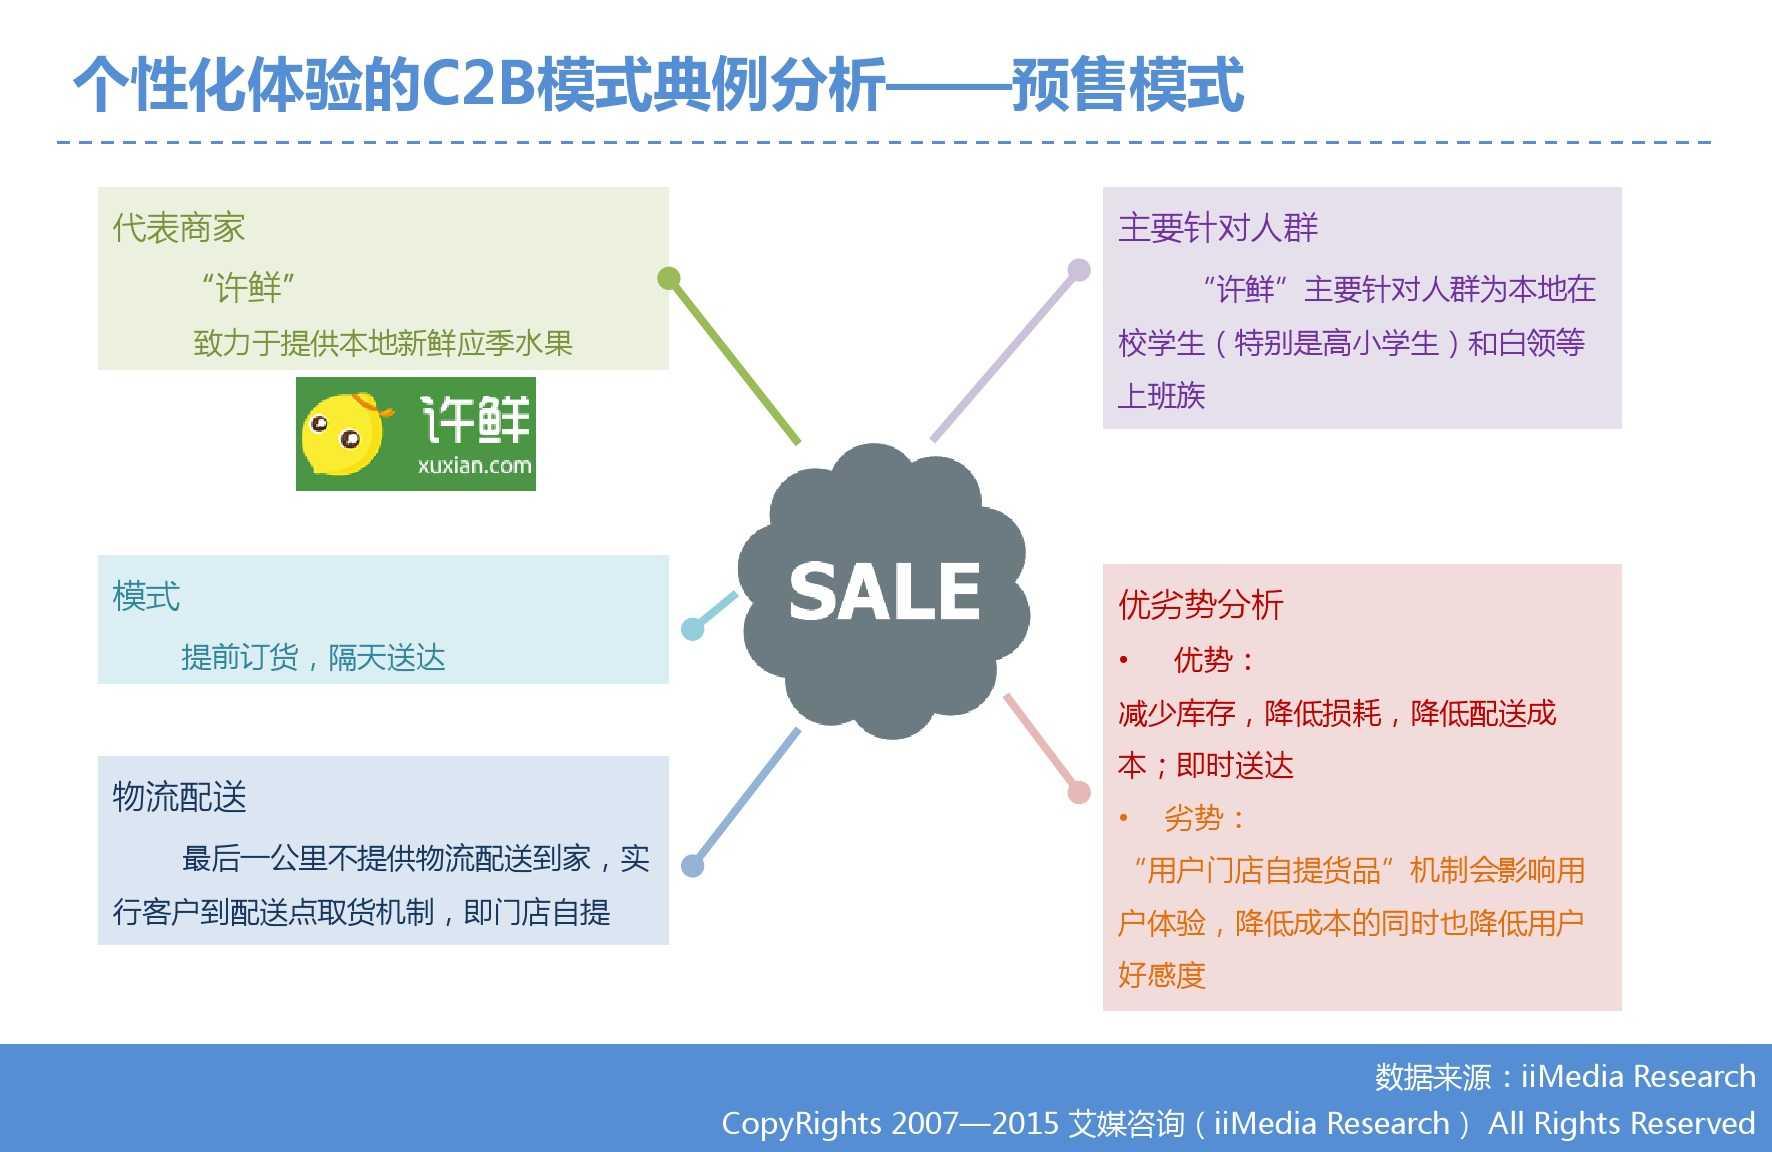 艾媒咨询:2015年中国生鲜电商市场研究报告_000034